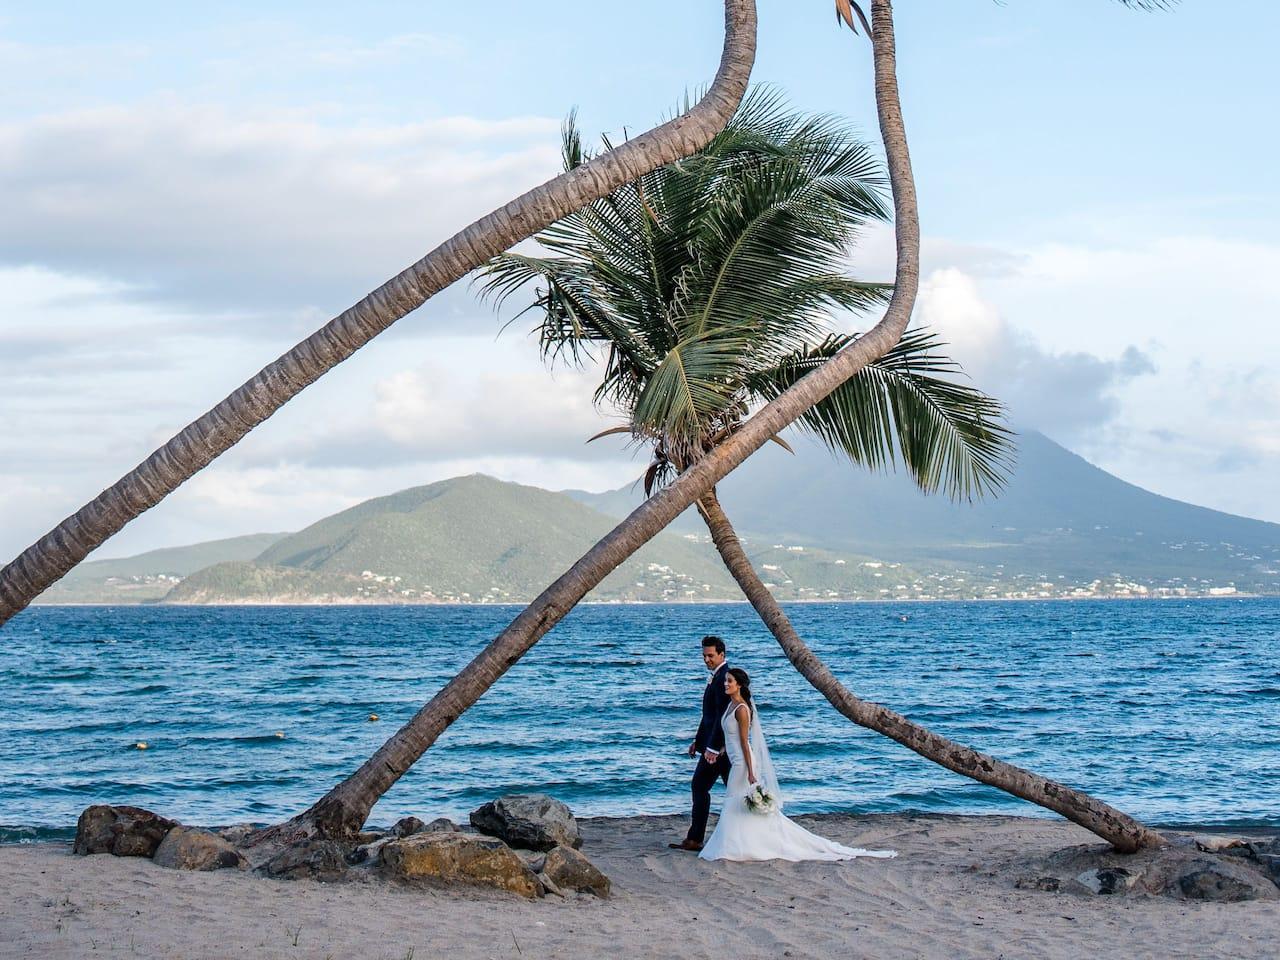 Park Hyatt St. Kitts Christophe Harbour Caribbean Weddings